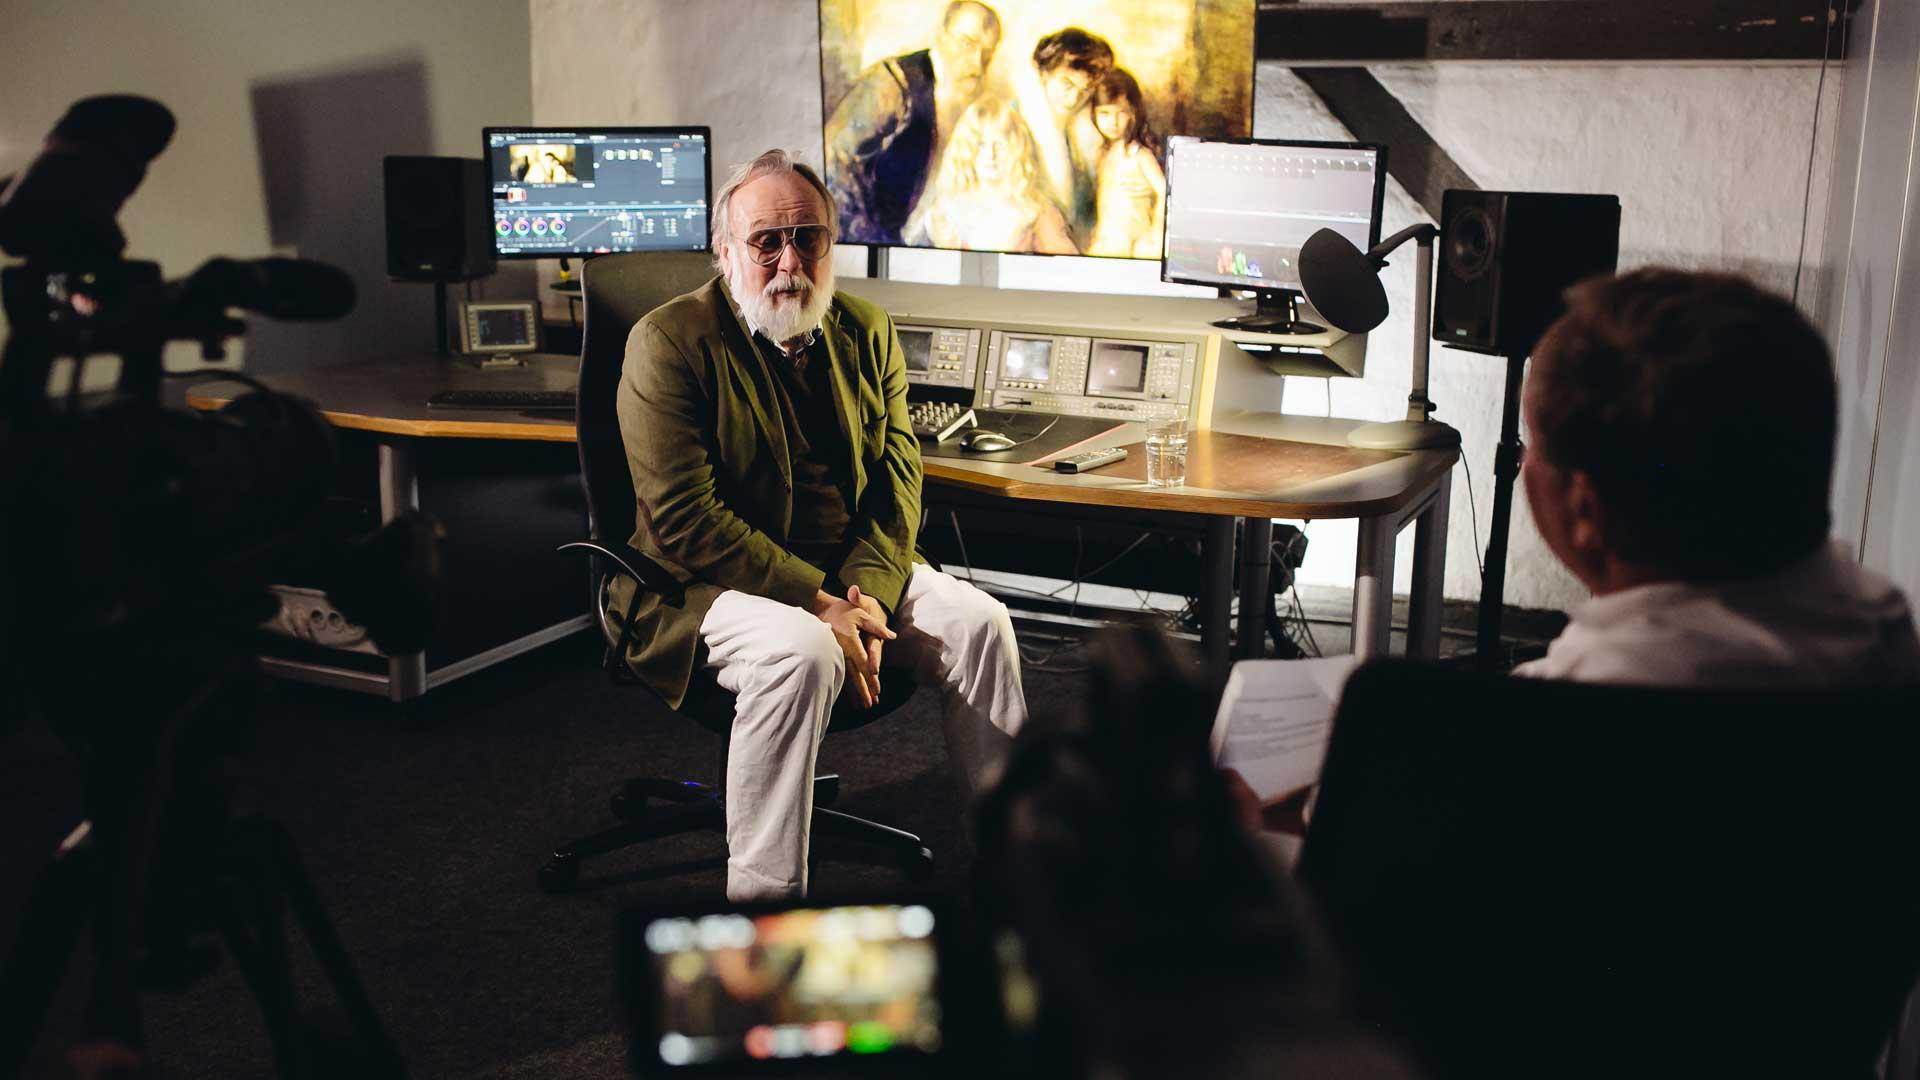 Kamera für Promovideo: 1000 Meisterwerke präsentiert von Friedrich Liechtenstein